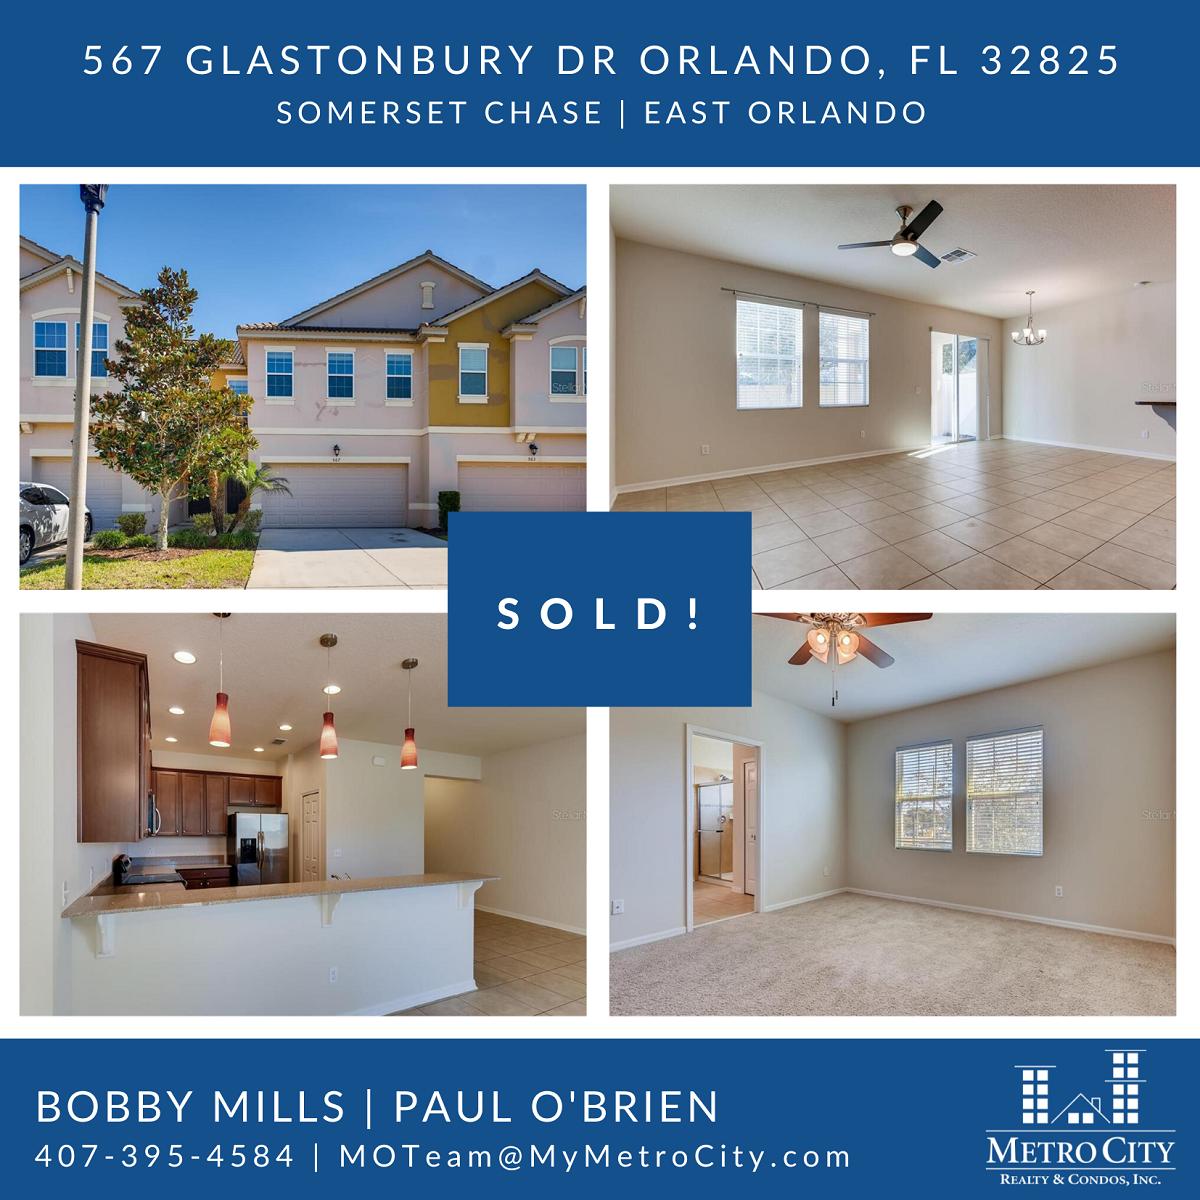 Orlando Homes For Sale Orlando Condos For Sale Orlando Real Estate In 2020 Orlando Homes For Sale Orlando Condos Condos For Sale